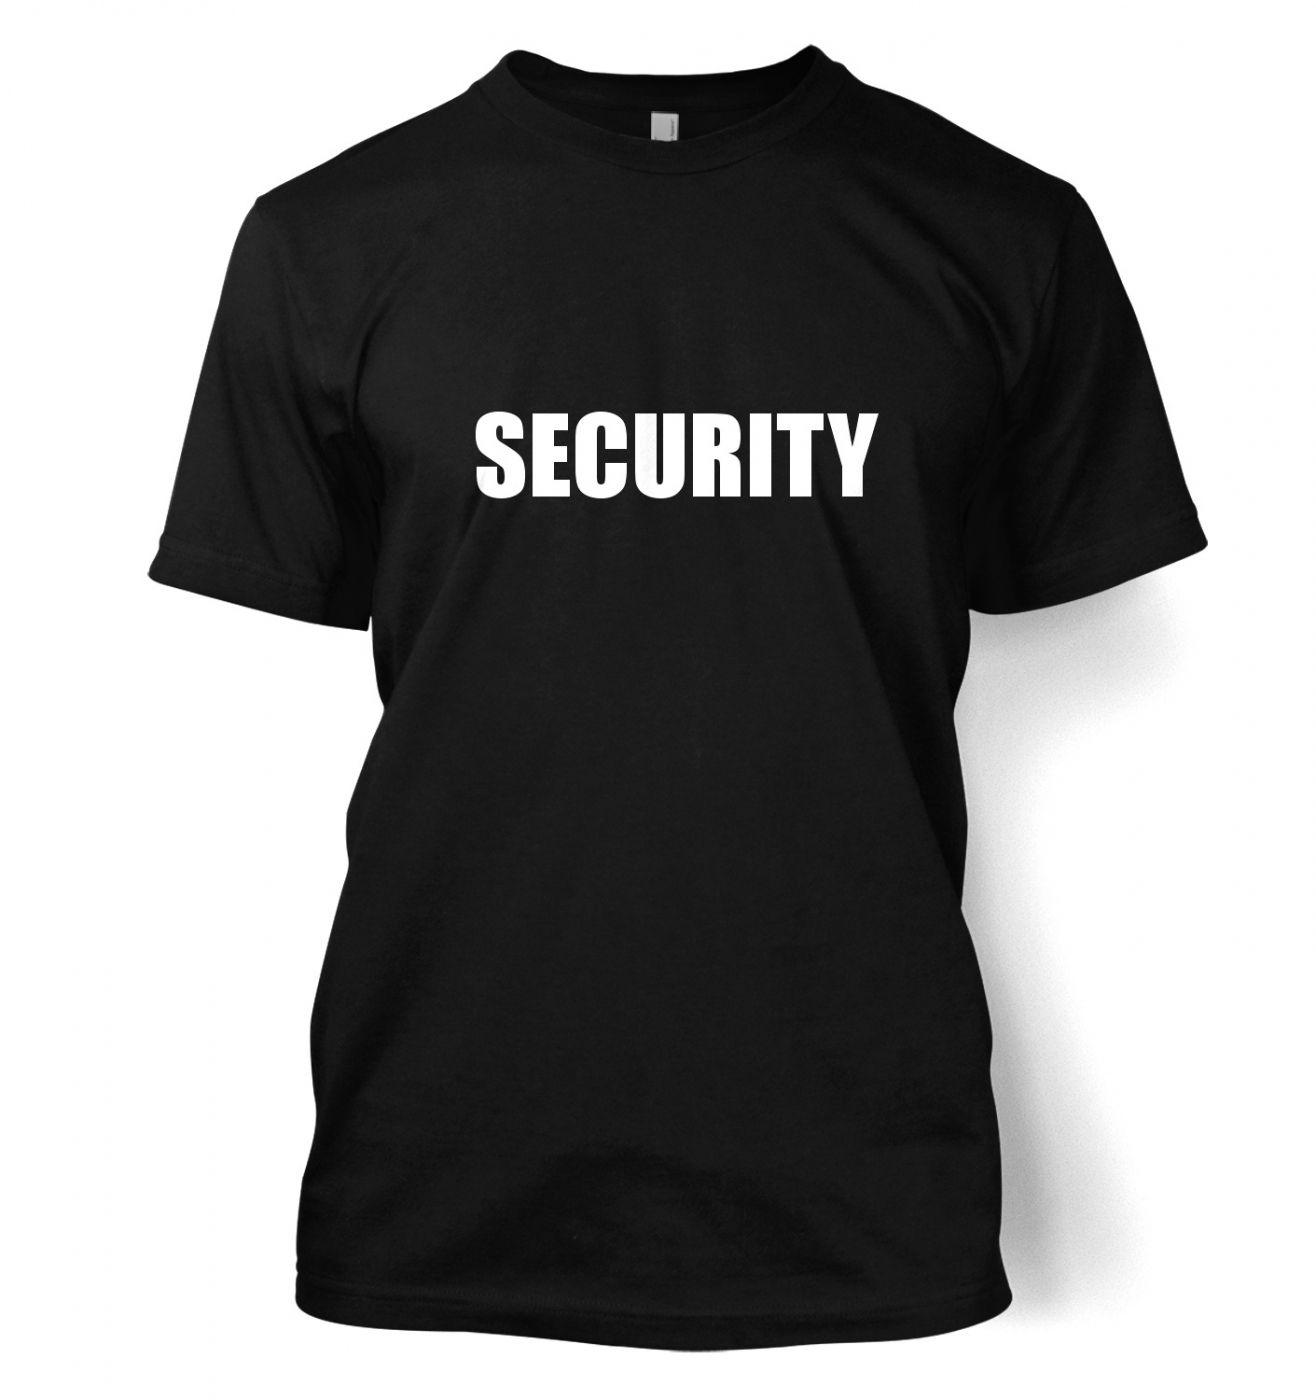 Security men's t-shirt